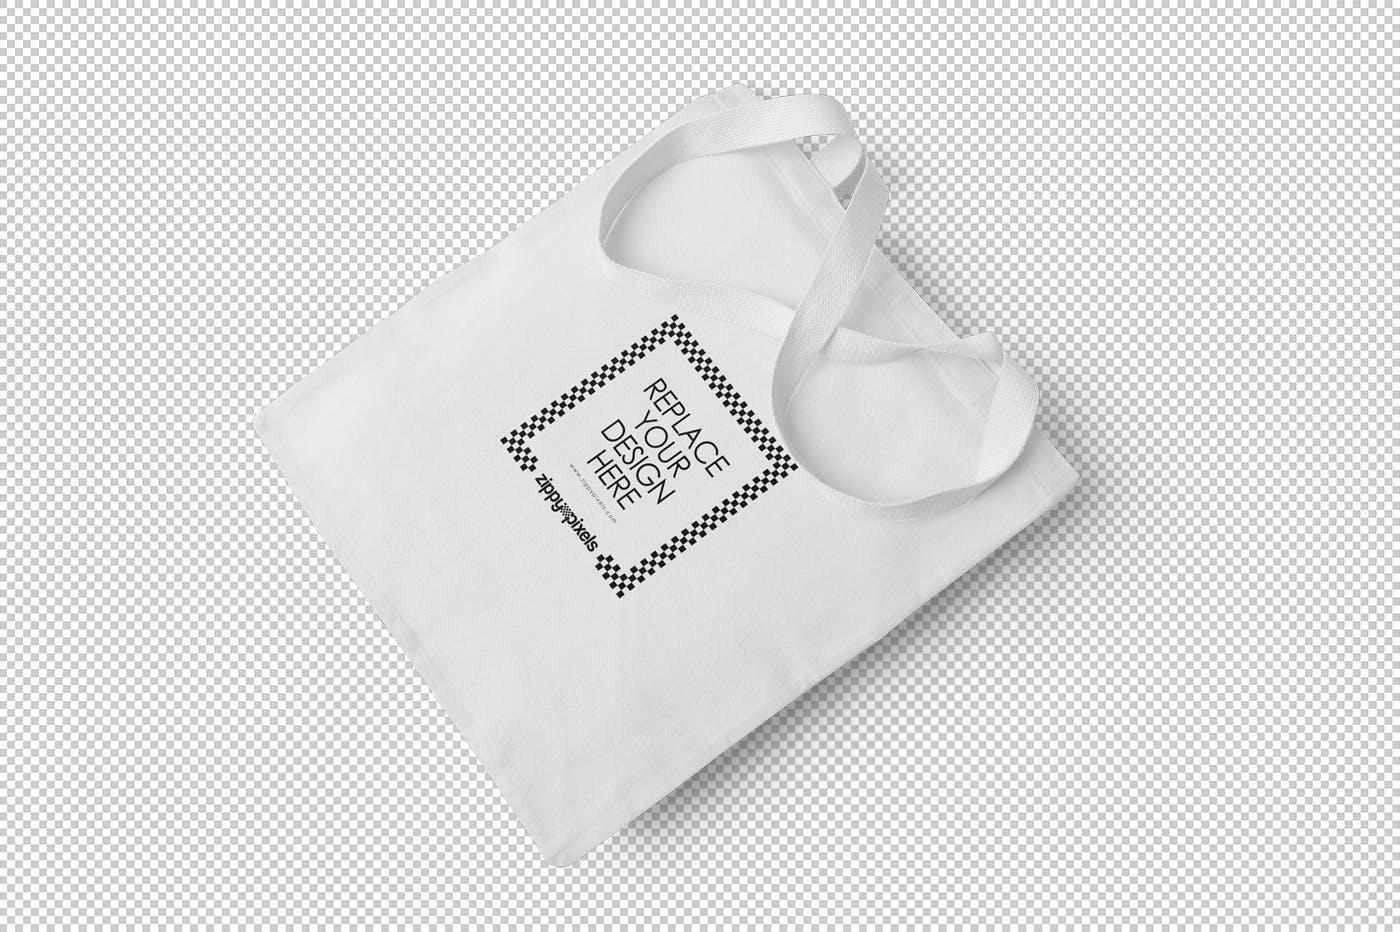 布艺手提袋子购物袋  样机素材模板展示Cotton Tote Bag Mockups